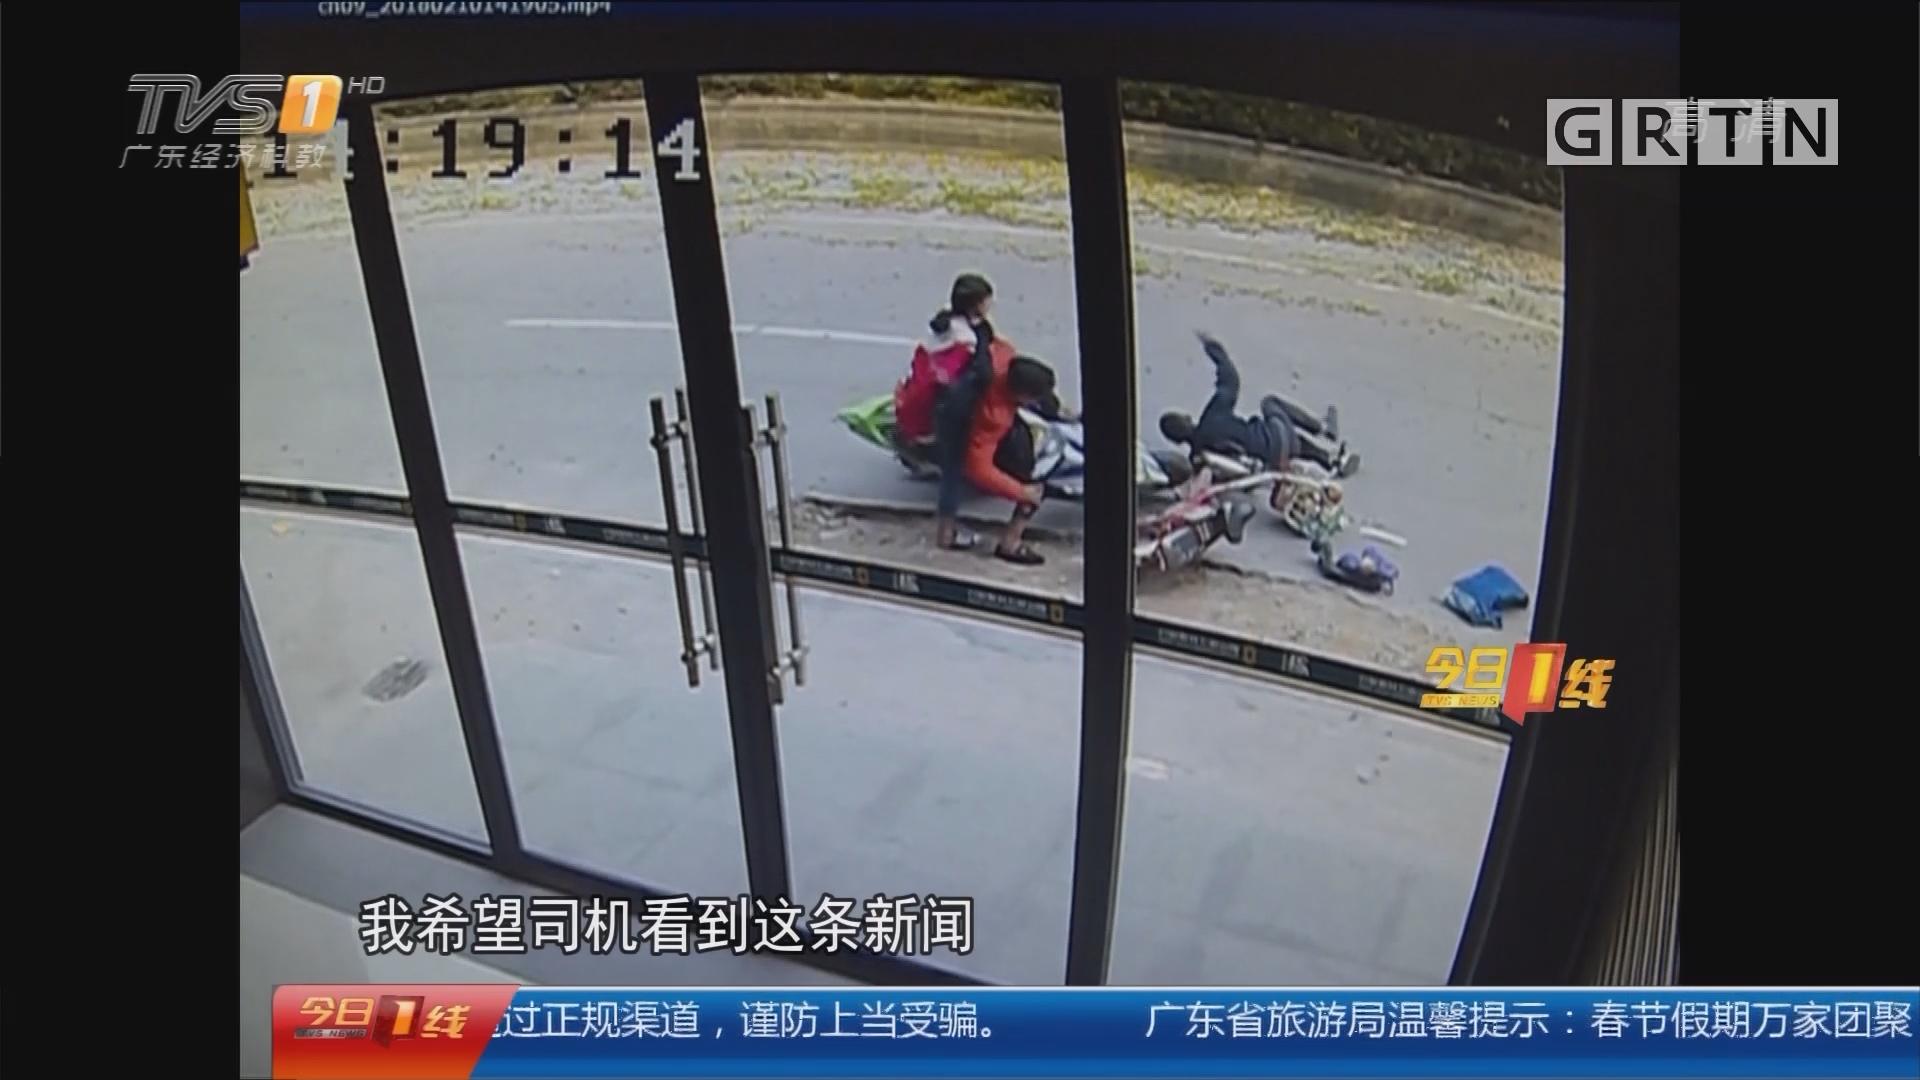 江门鹤山:摩托撞人逃逸 交警全城寻人